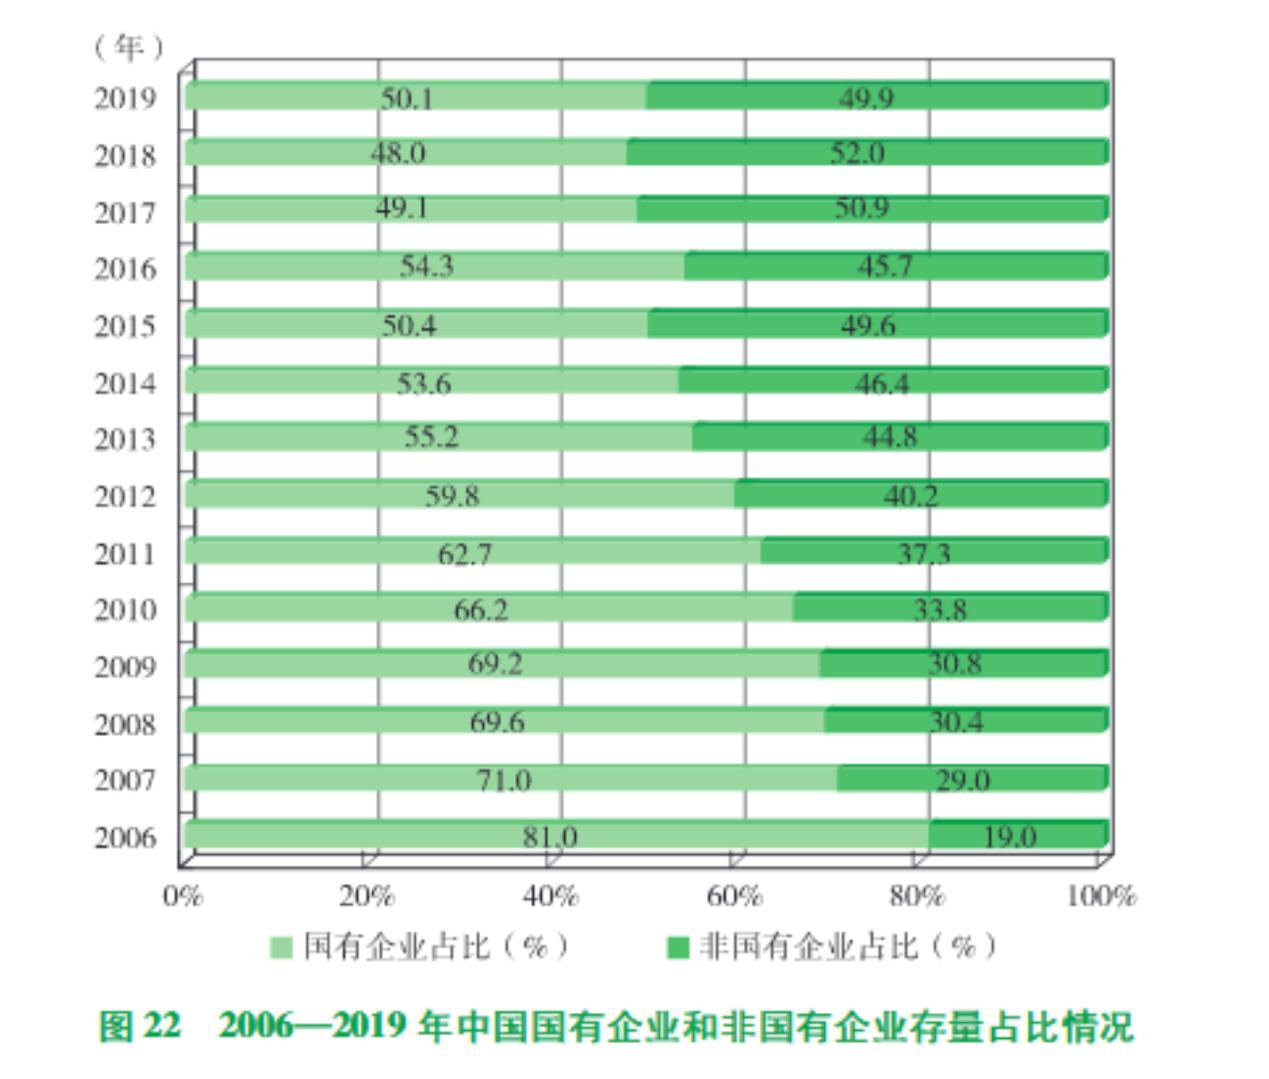 2006至2019年,中国国有企业与非国有企业占比。图片来源:《2019年度中国对外直接投资统计公报》